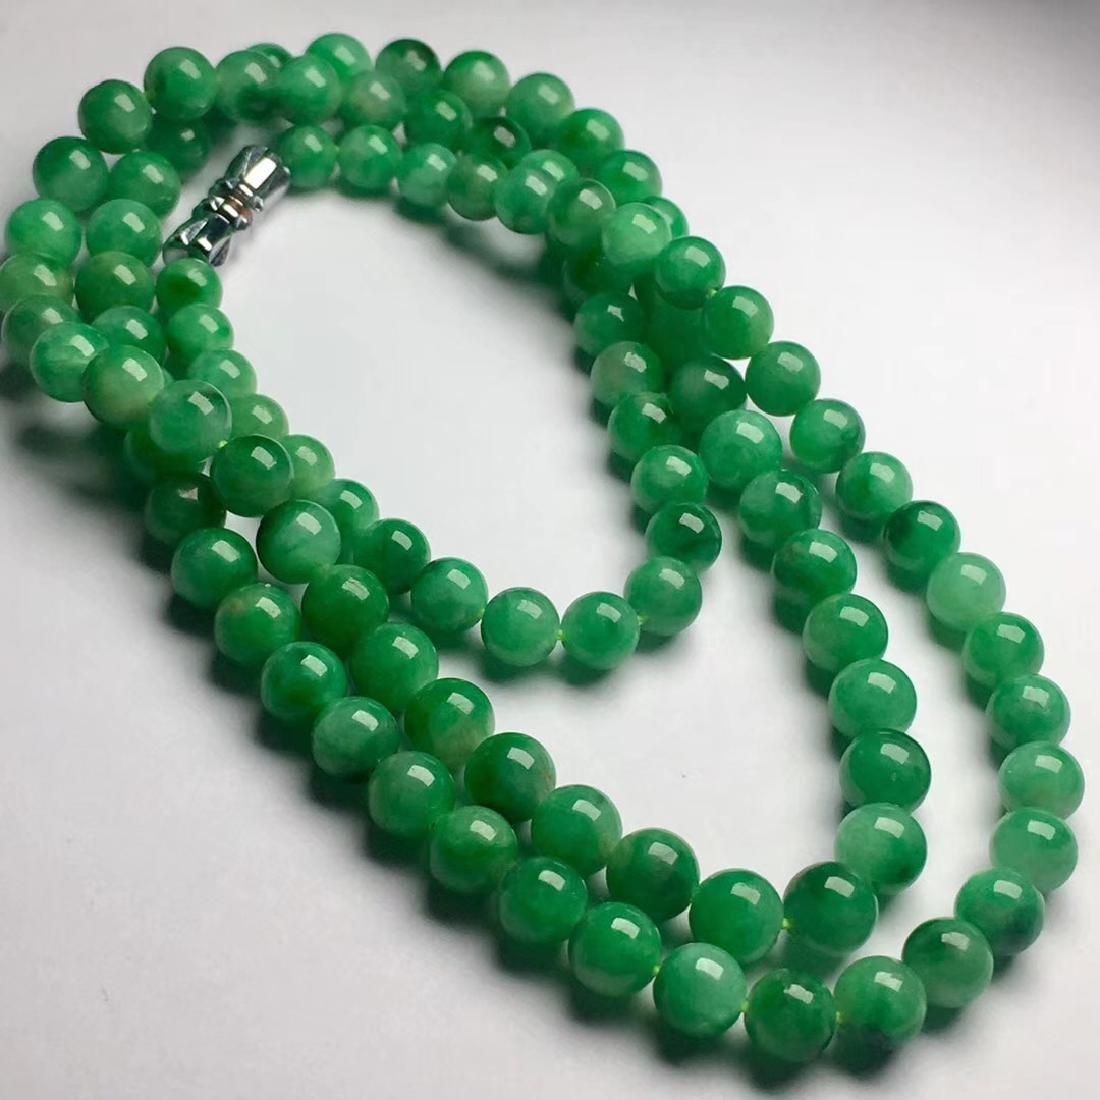 Natural Green Jadeite Necklace - 2